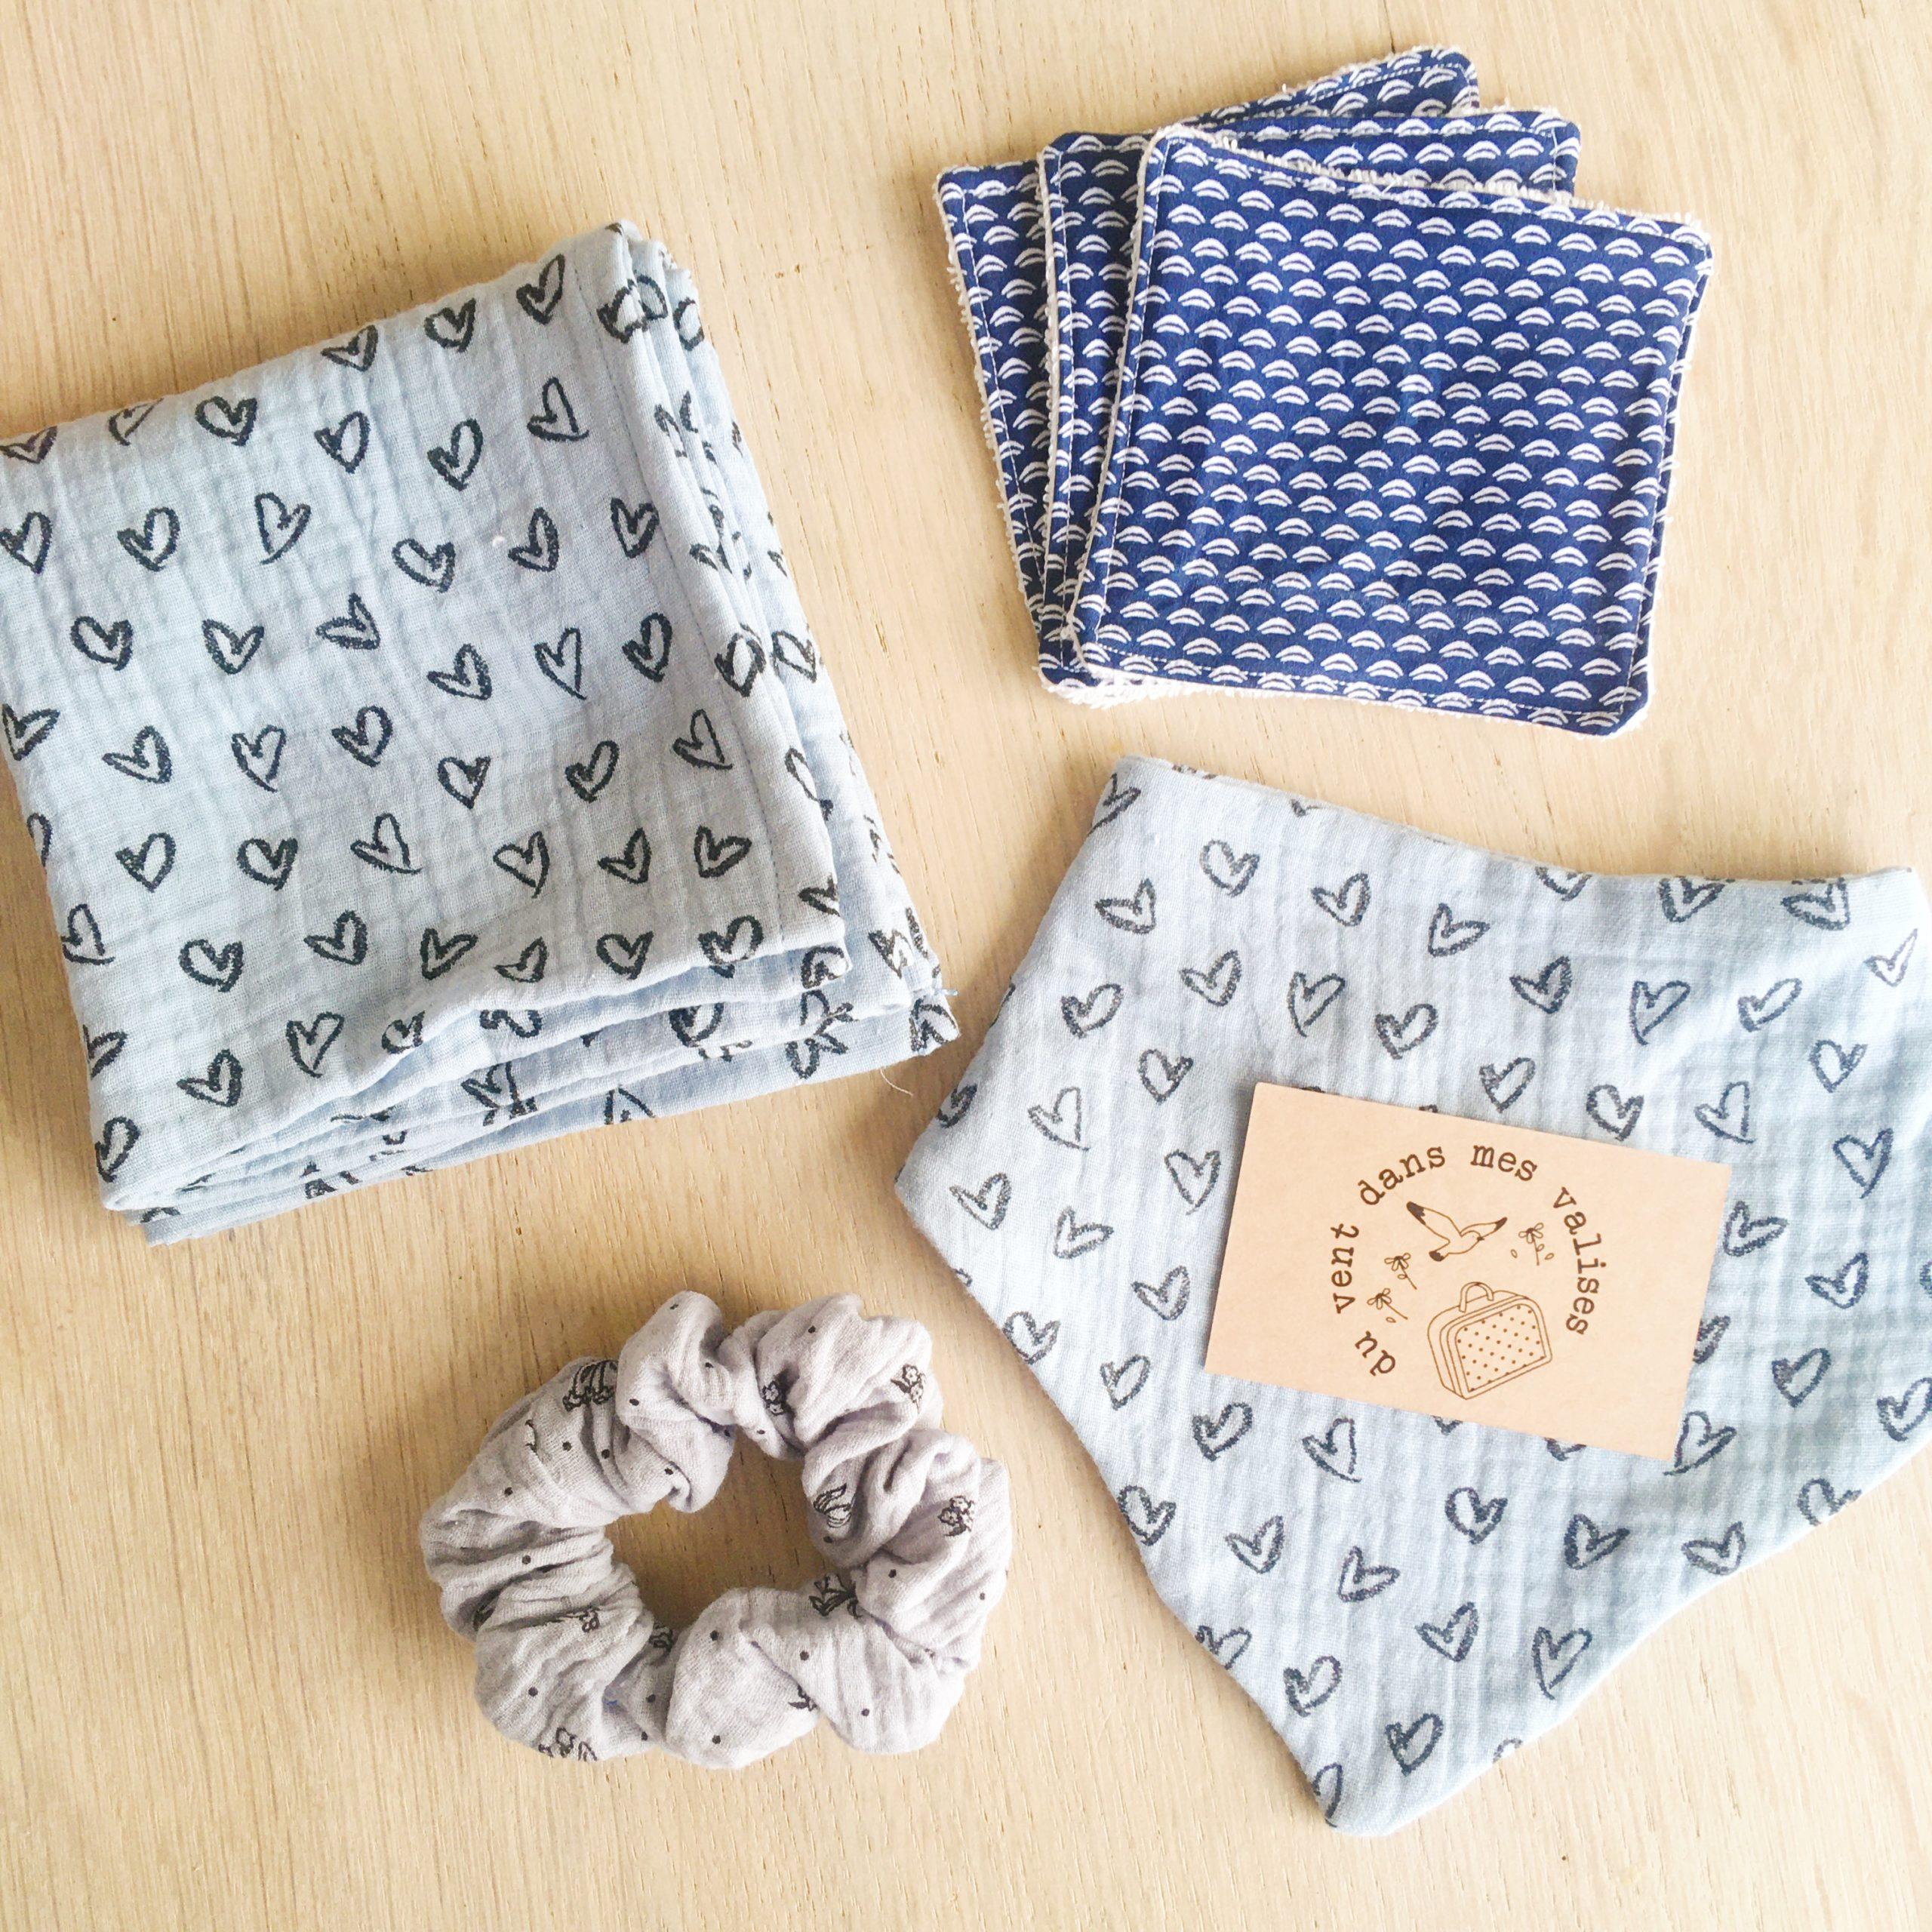 set pour liste de naissance made in France, cadeau personnalisé coloris au choix et broderie du prénom de bébé à la main - du vent dans mes valises